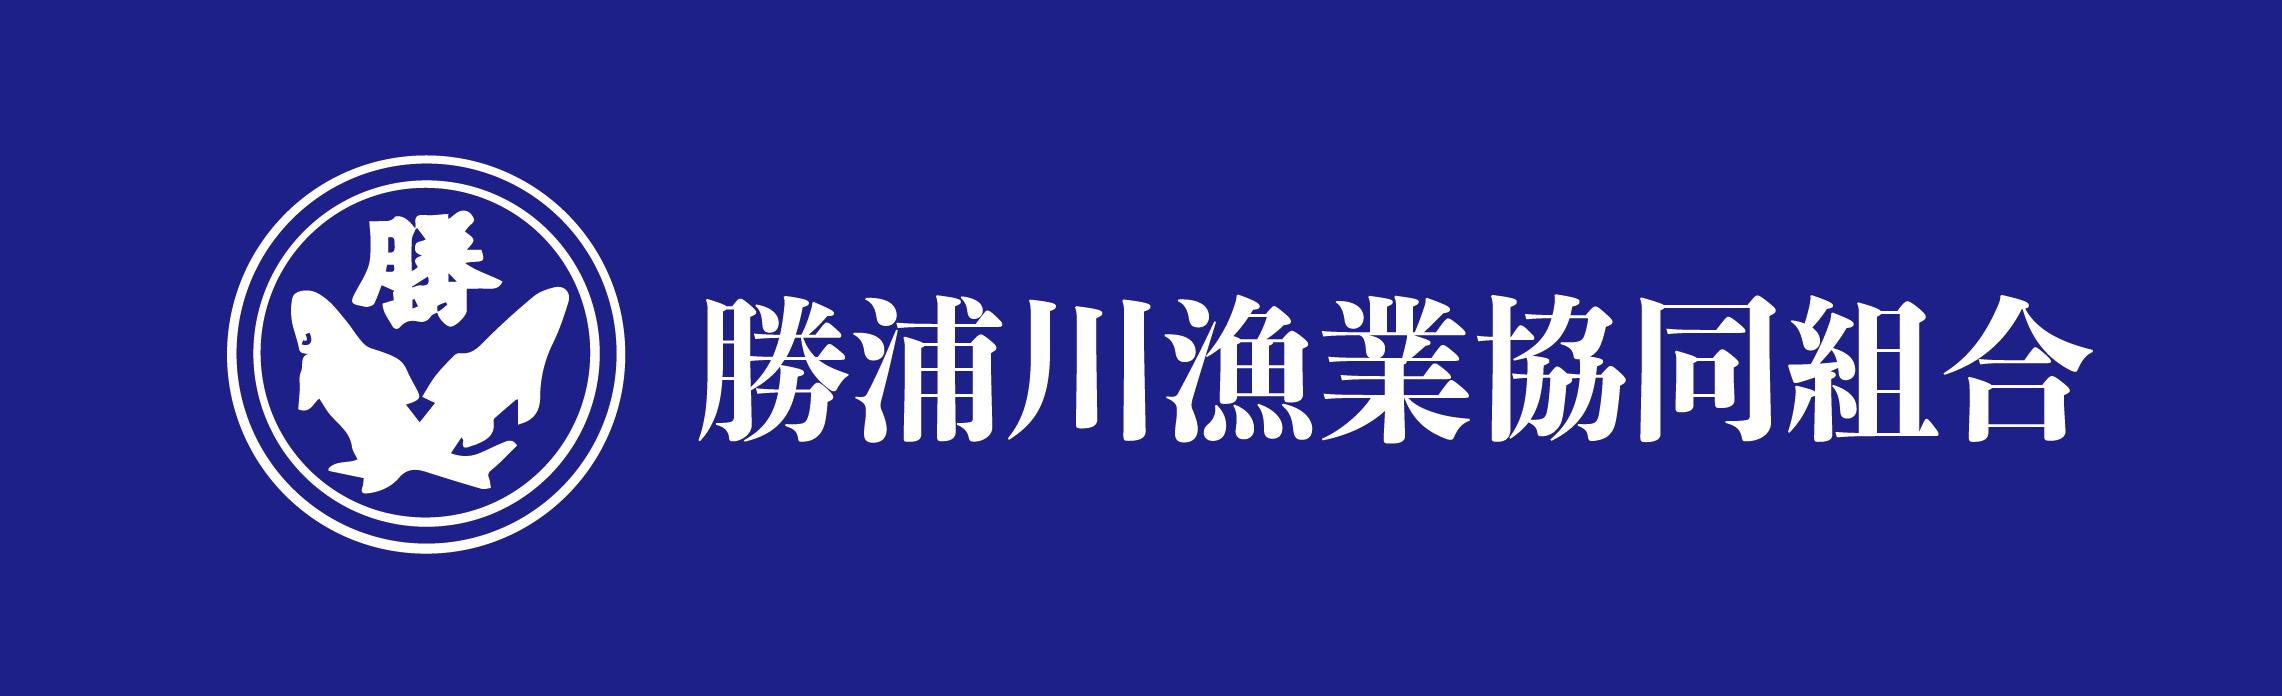 勝浦川漁業協同組合